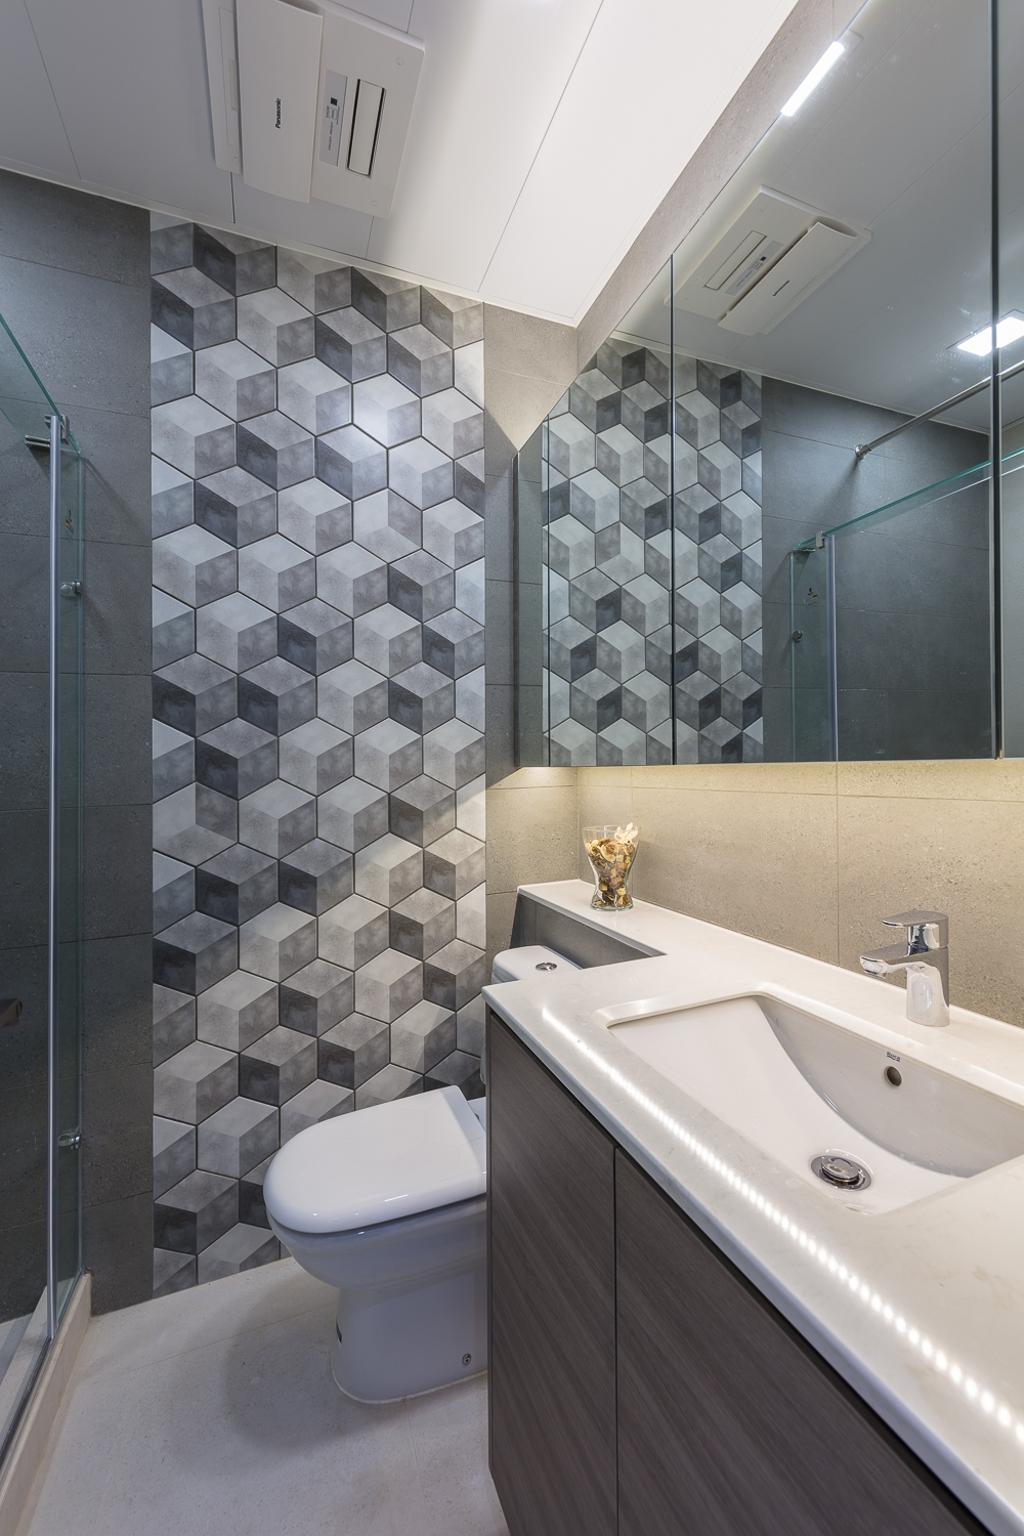 摩登, 私家樓, 浴室, 一號銀海, 室內設計師, 和生設計, Indoors, Interior Design, Room